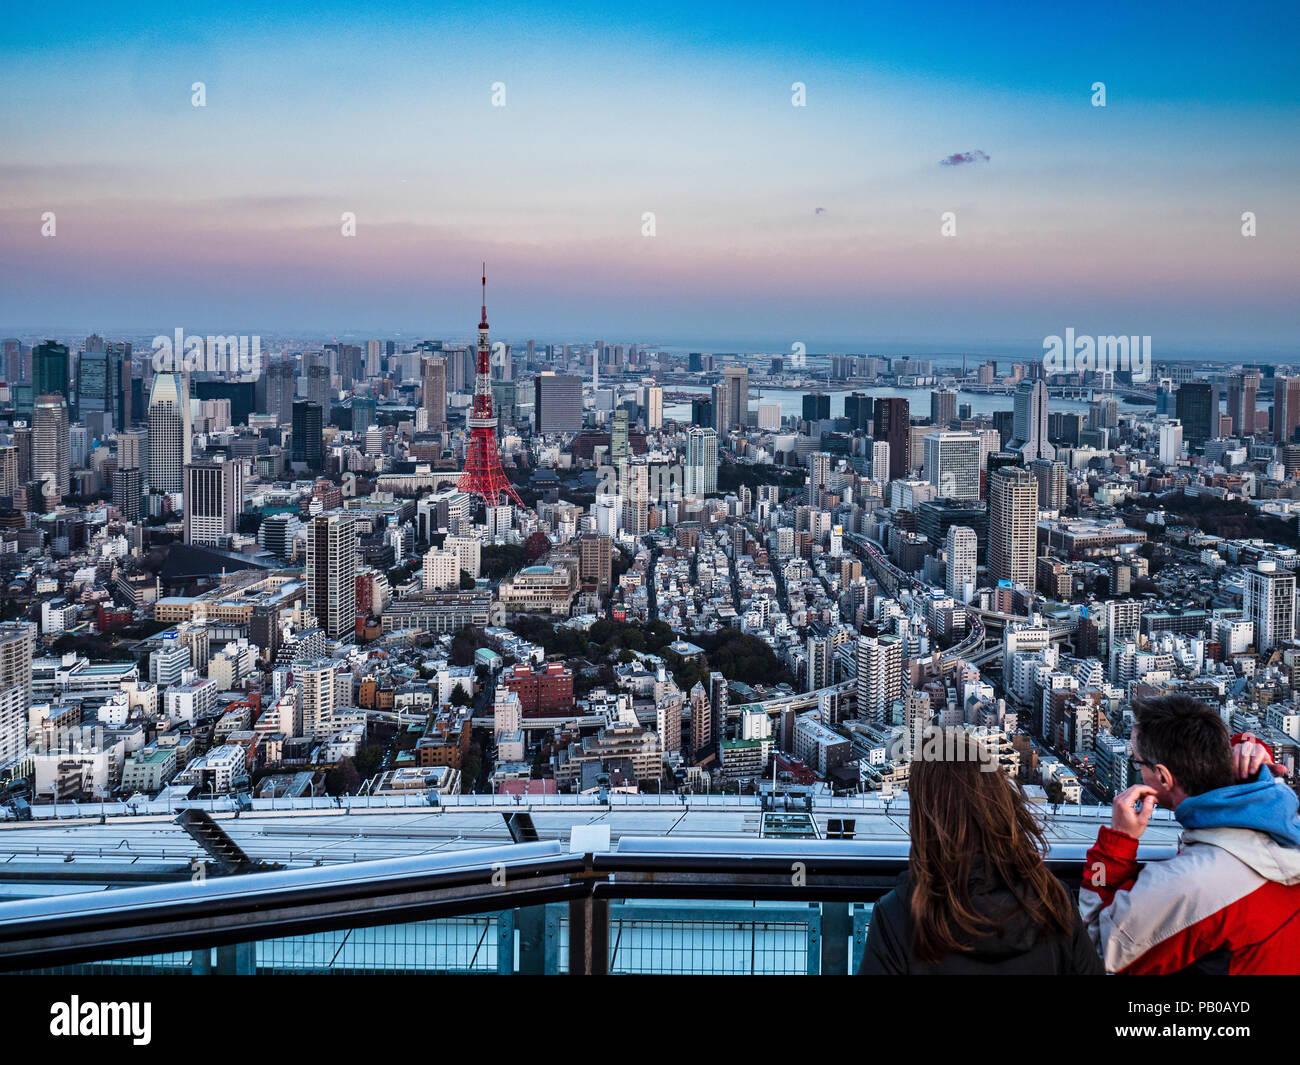 Tokyo Tourismus Tokio Skyline Tokyo Stadtbild Tokyo Twilight-Touristen Blick Tokio in der Dämmerung einschließlich der Tokyo Tower Stockbild